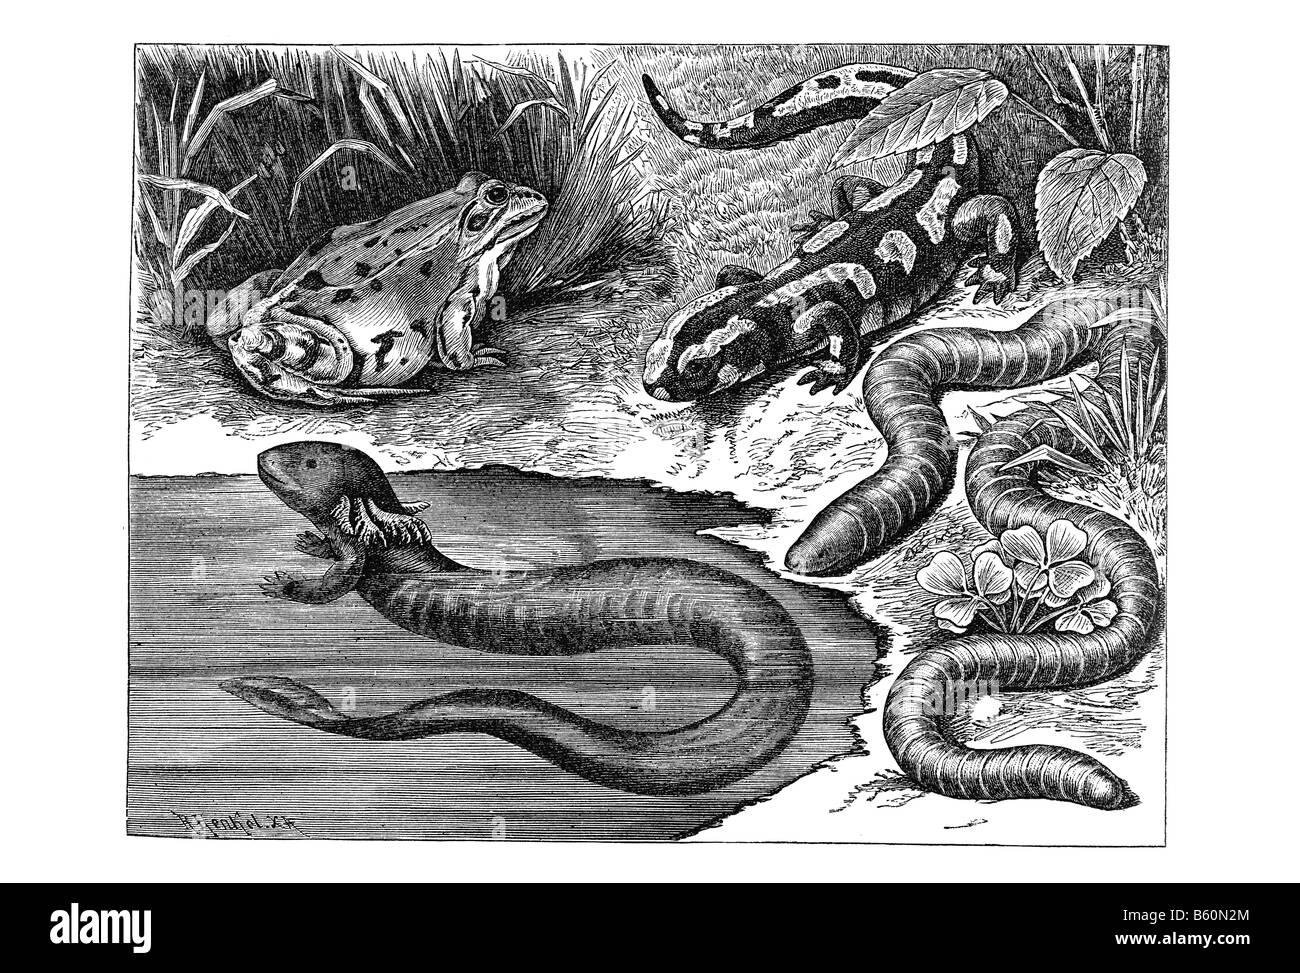 Amphibians - Stock Image